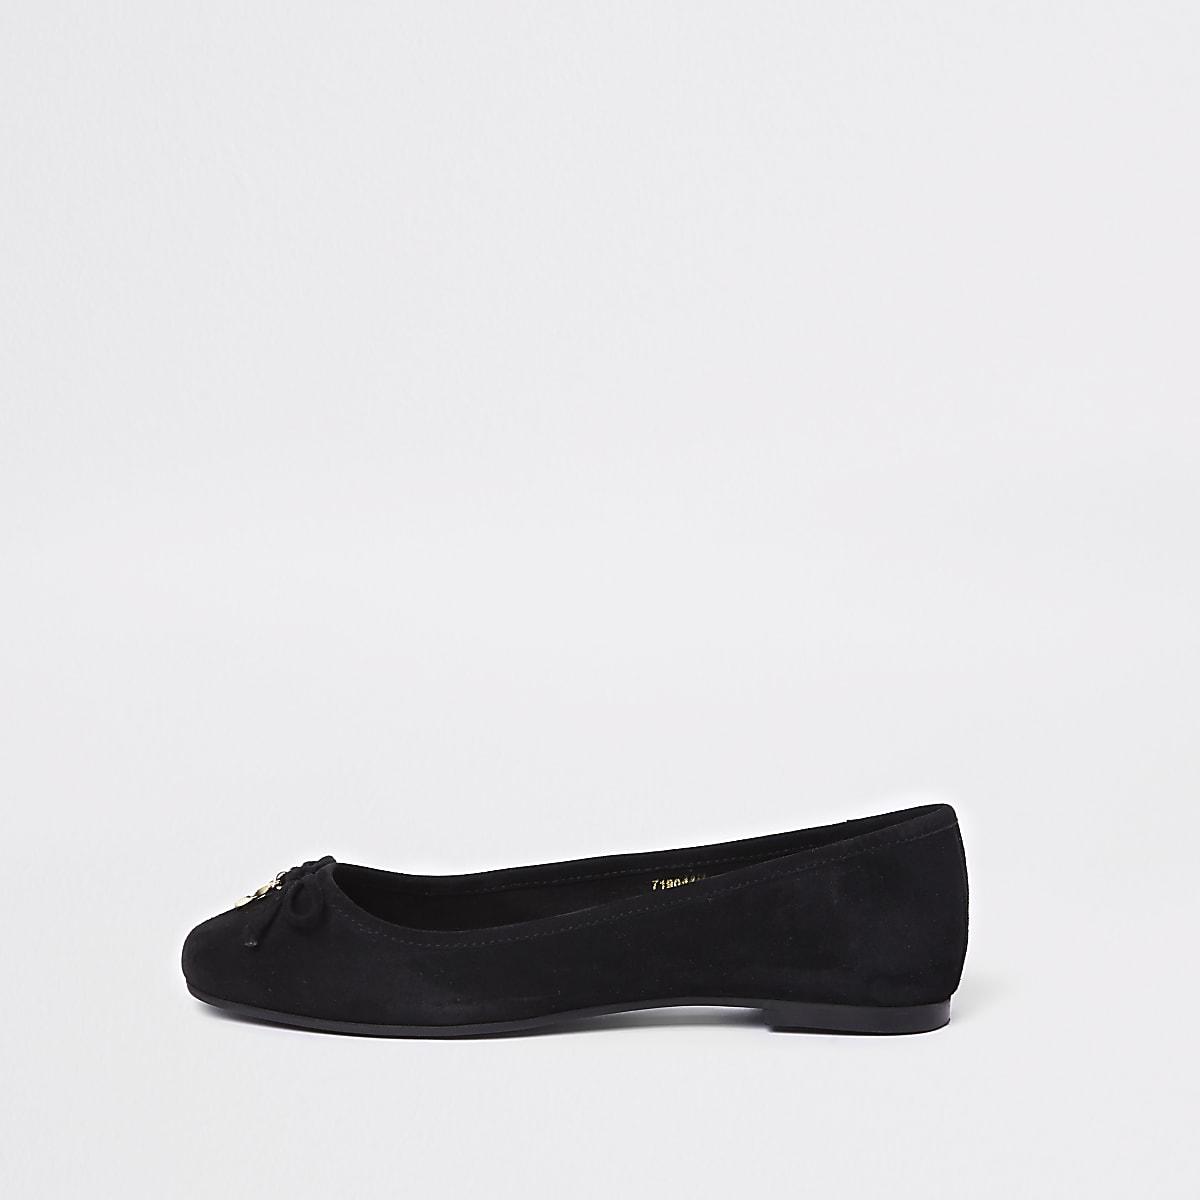 Zwarte suède loafers met strik